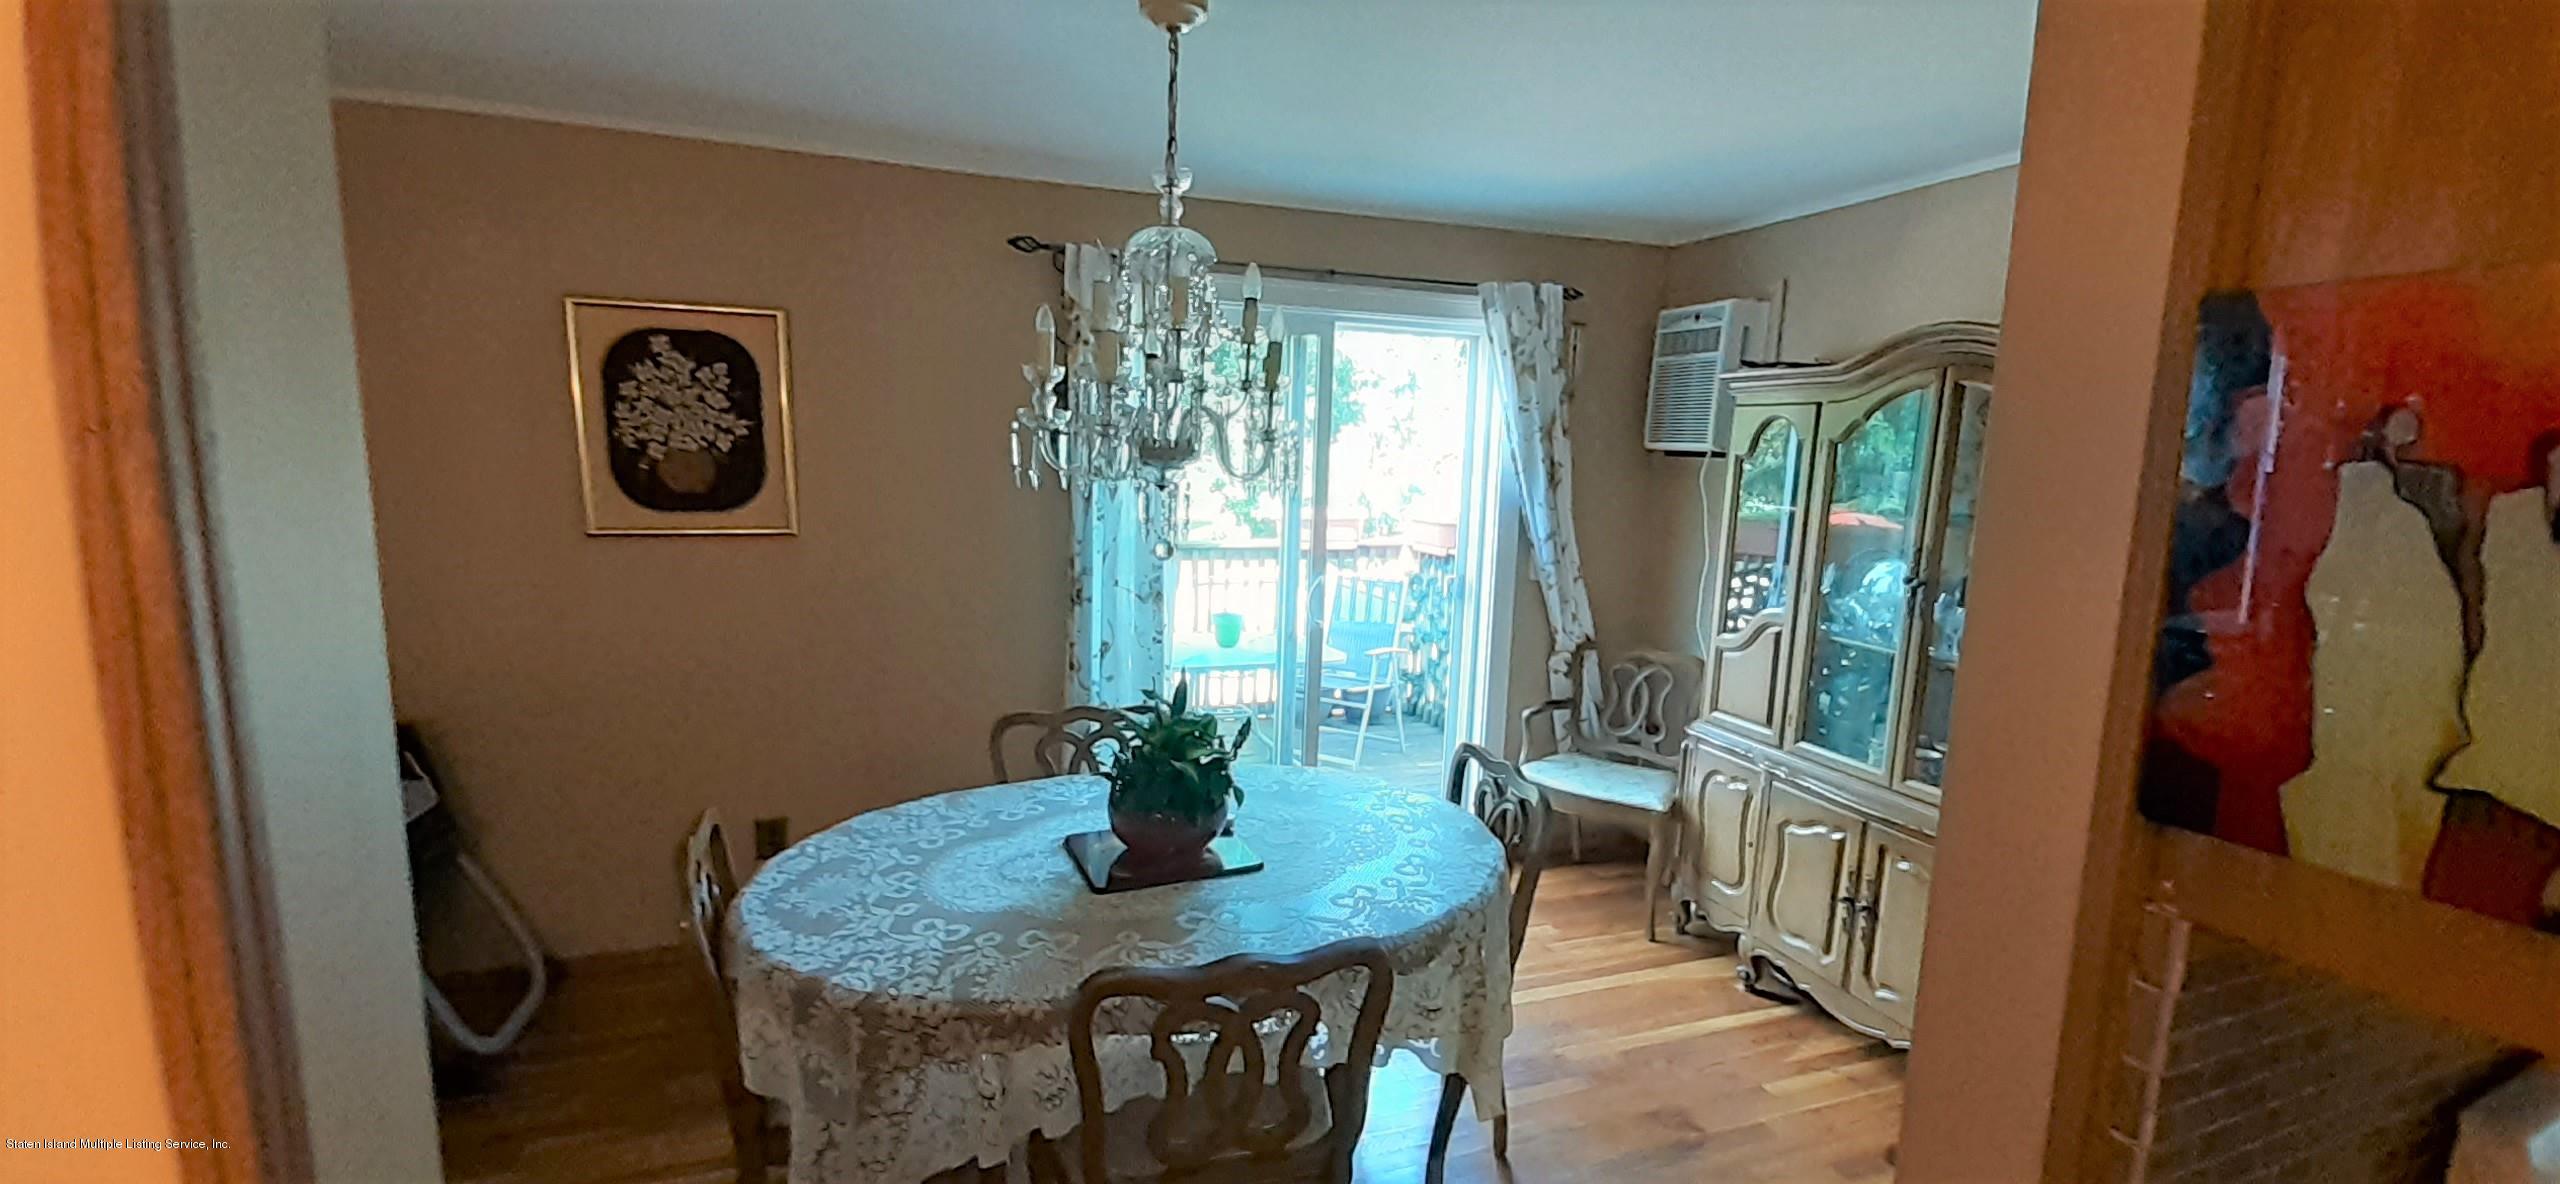 Single Family - Semi-Attached 523 Mason Avenue  Staten Island, NY 10305, MLS-1140258-6